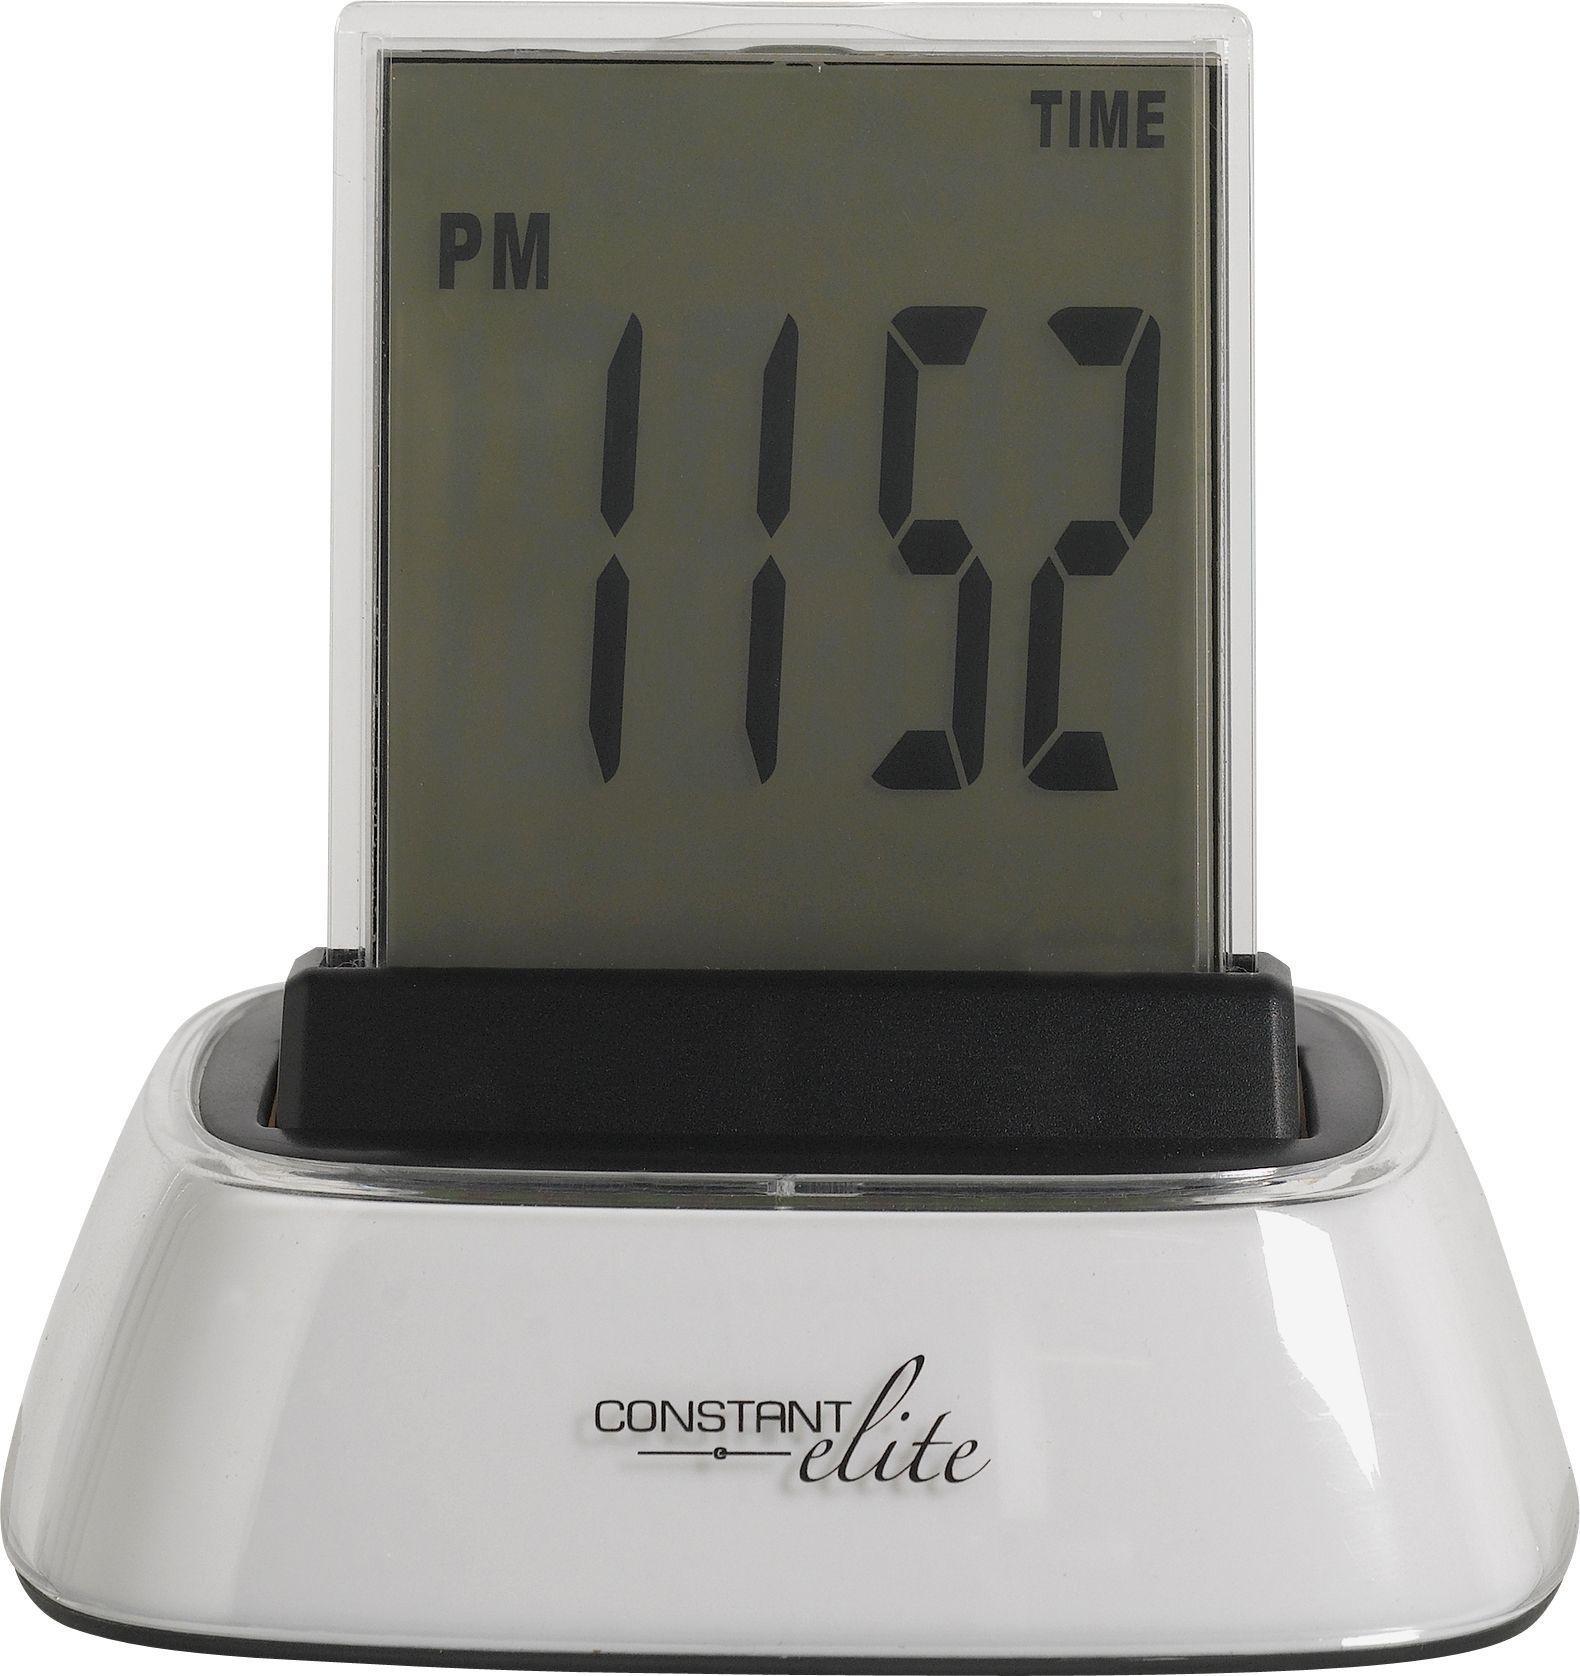 Constant Elite Colour Change LCD Alarm Clock